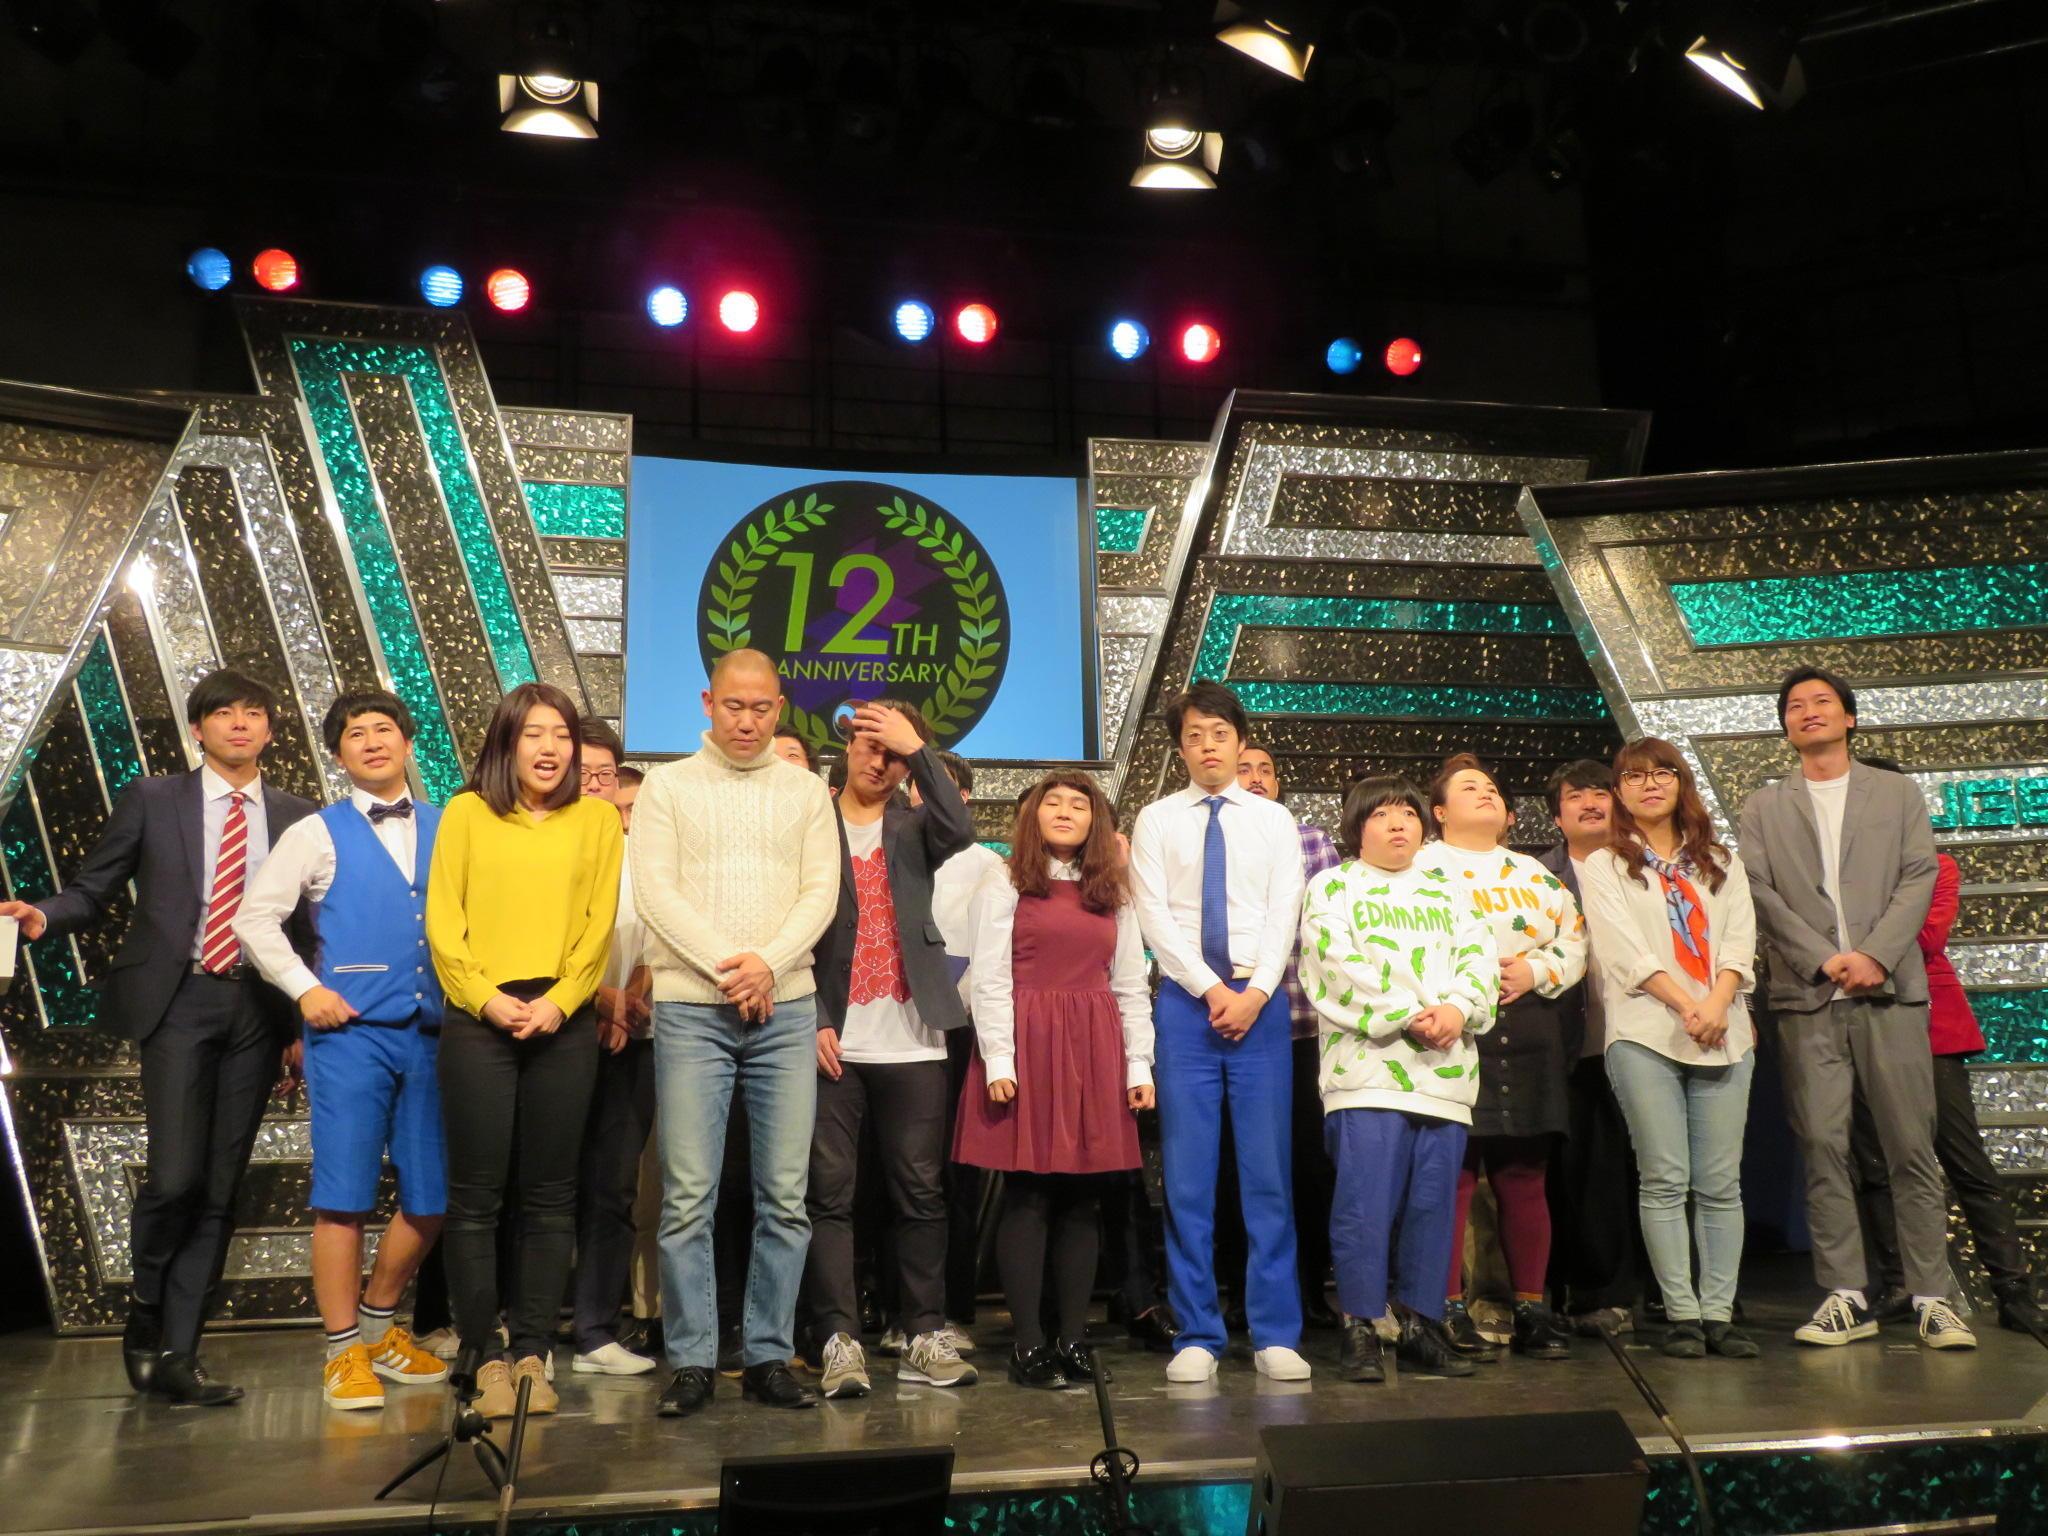 http://news.yoshimoto.co.jp/20180326004655-581000786d791acb7c90d229a1b35ea74c16baa9.jpg